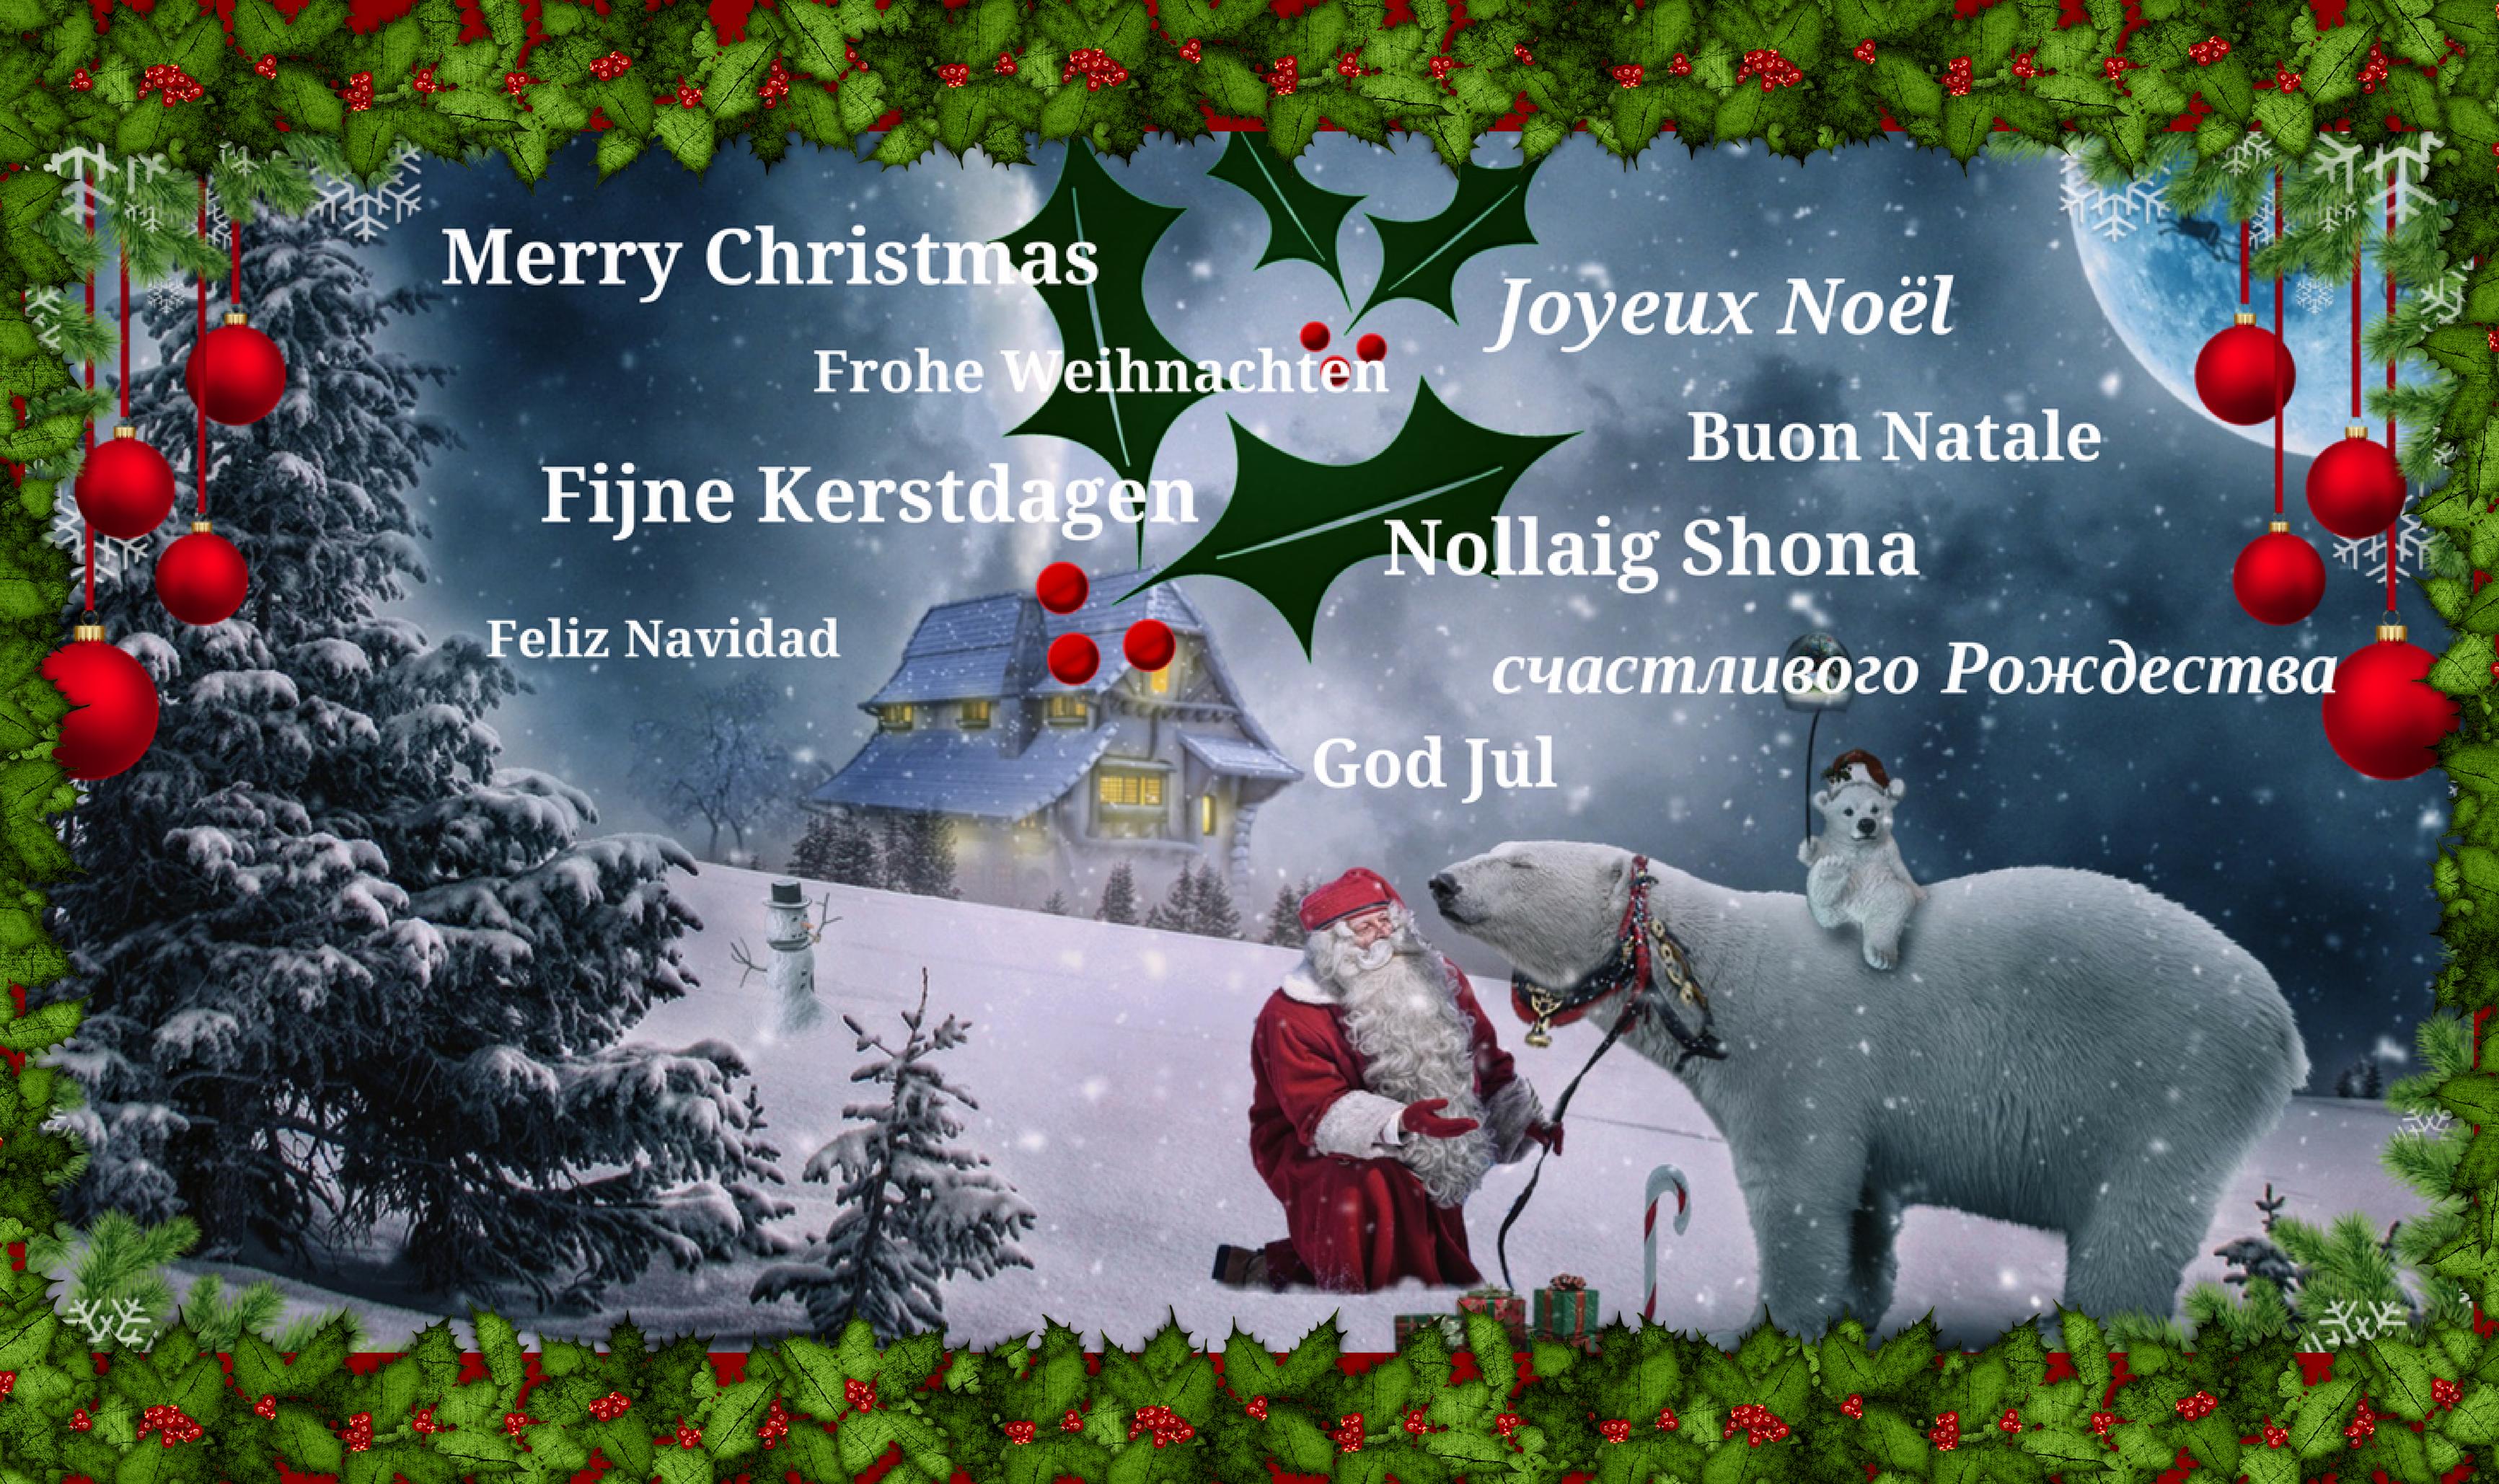 Merry Christmas - Blog Post Image